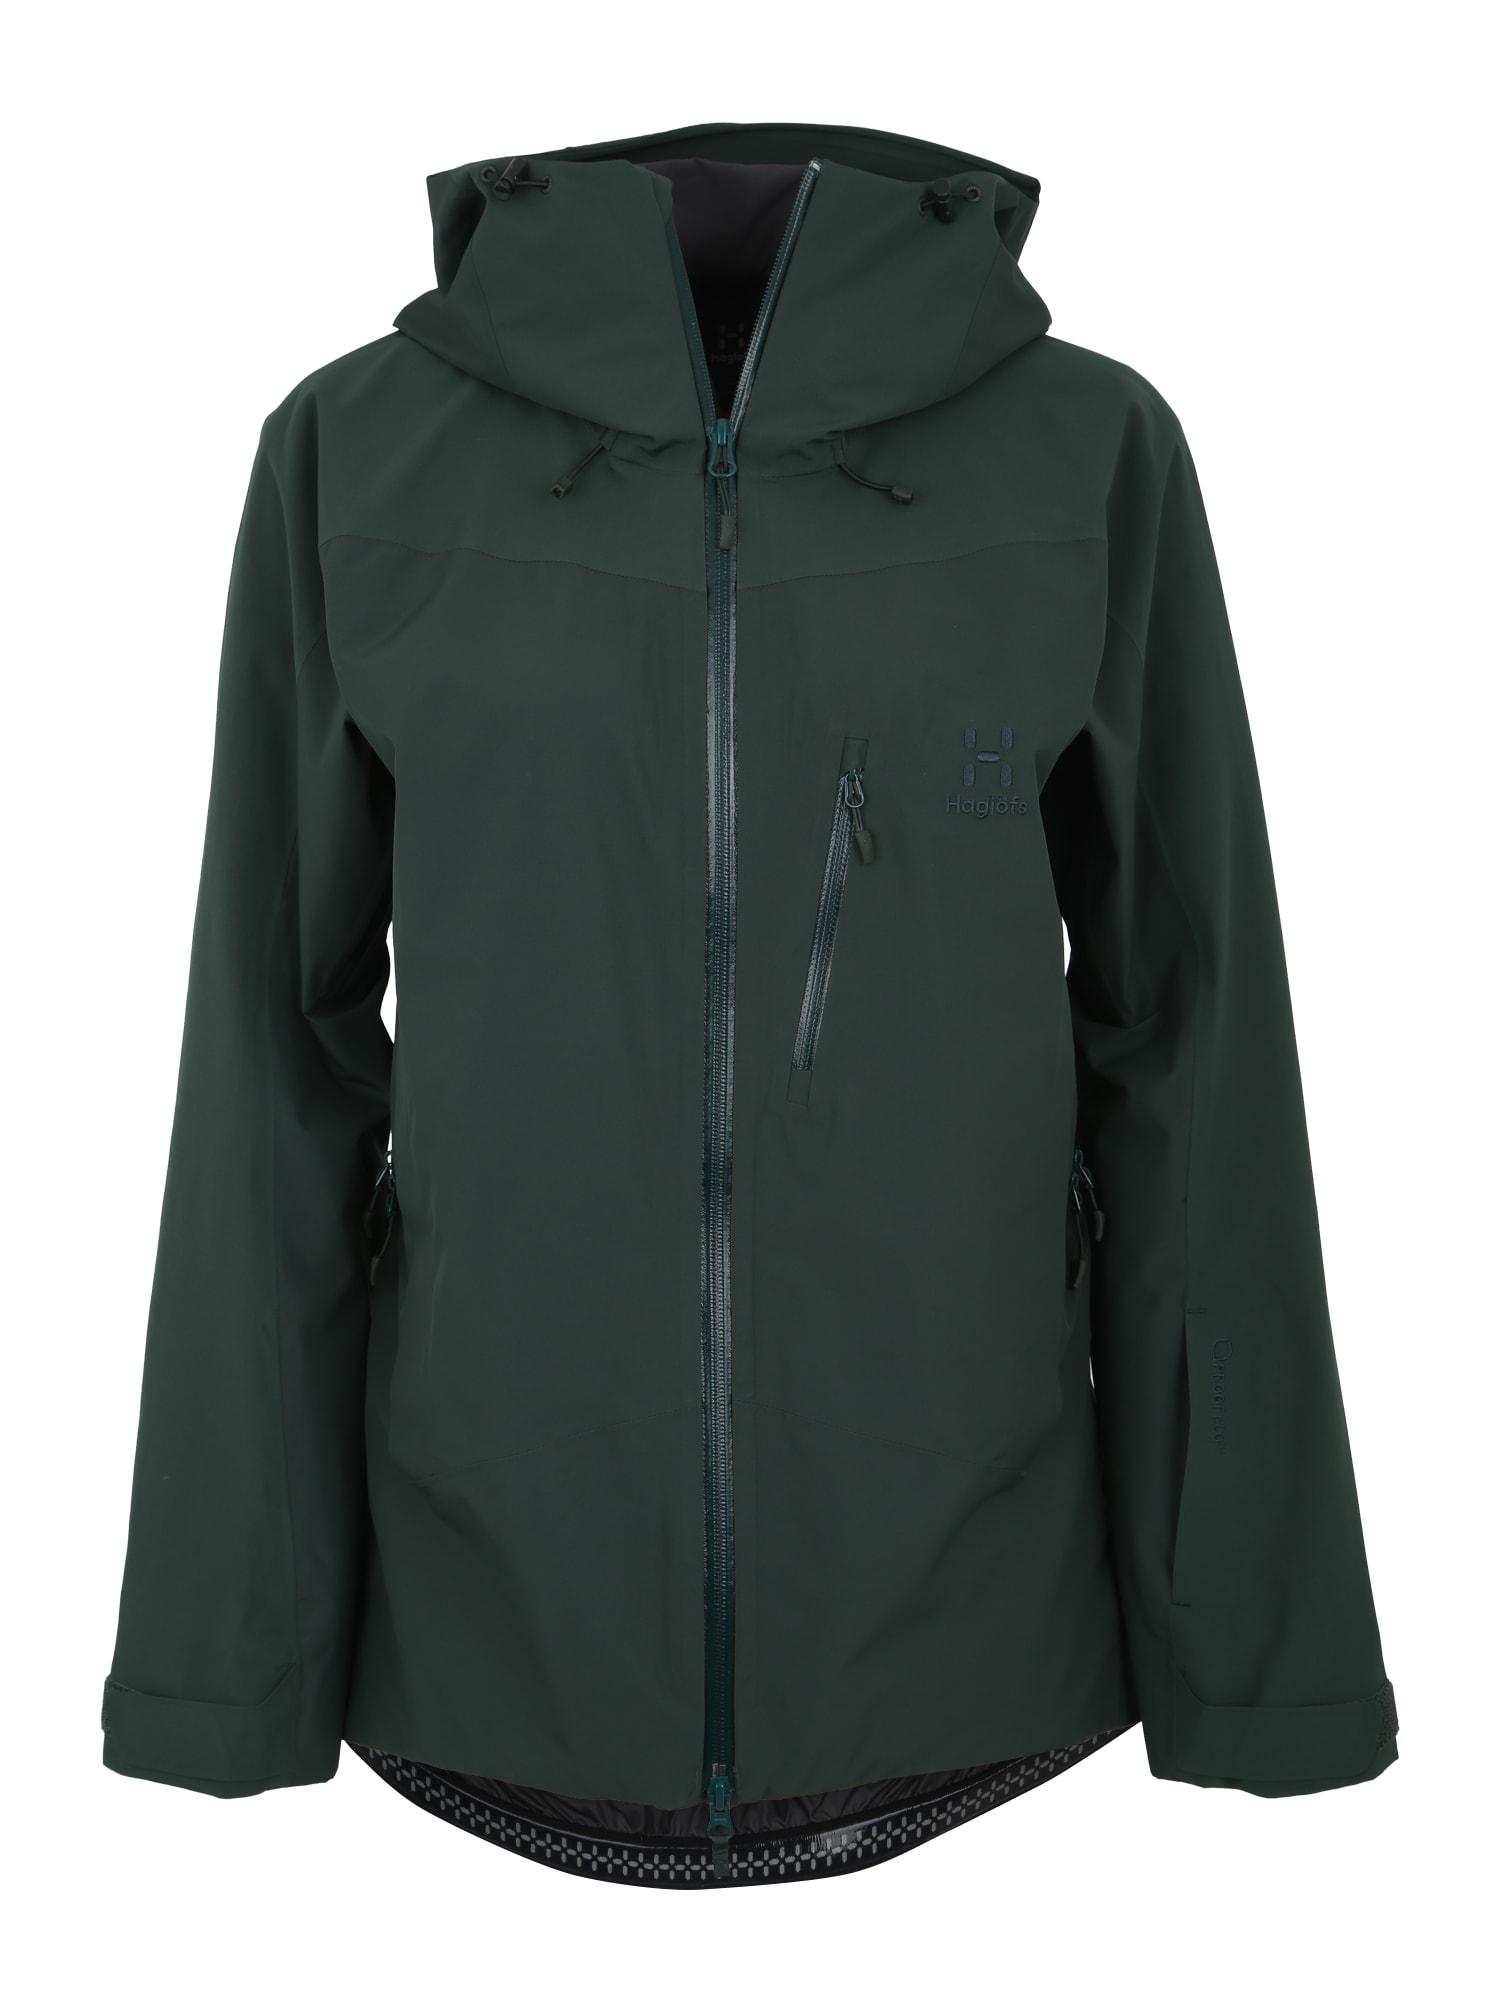 Outdoorová bunda Niva tmavě zelená Haglöfs